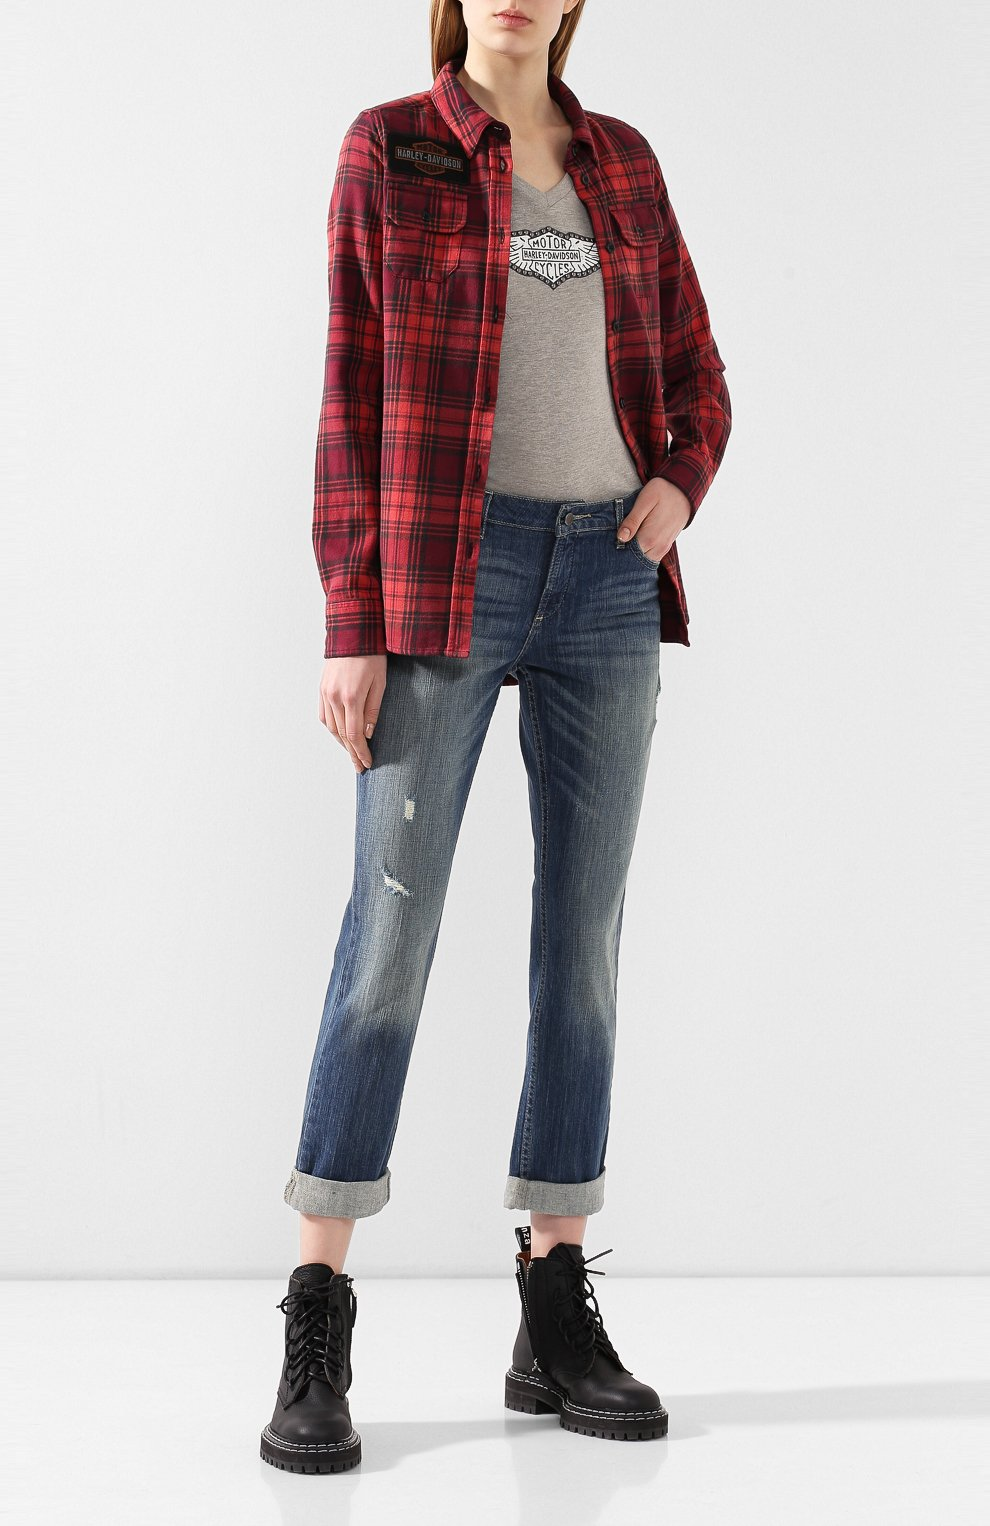 Женские джинсы с отворотами black label HARLEY-DAVIDSON голубого цвета, арт. 96188-15VW | Фото 2